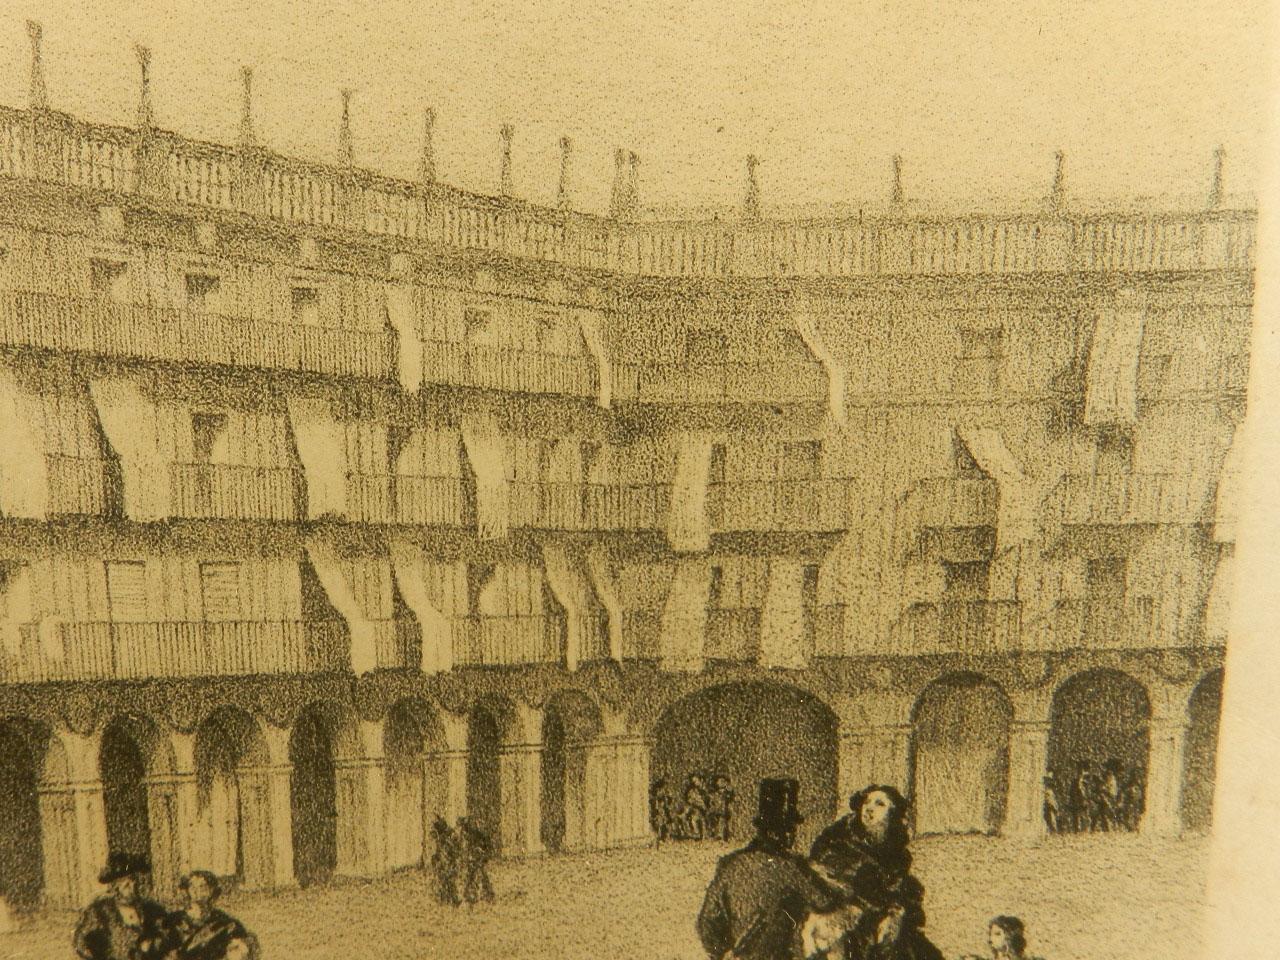 Imagen LITOGRAFÍA P. MAYOR SALAMANCA AÑO 1860 24850